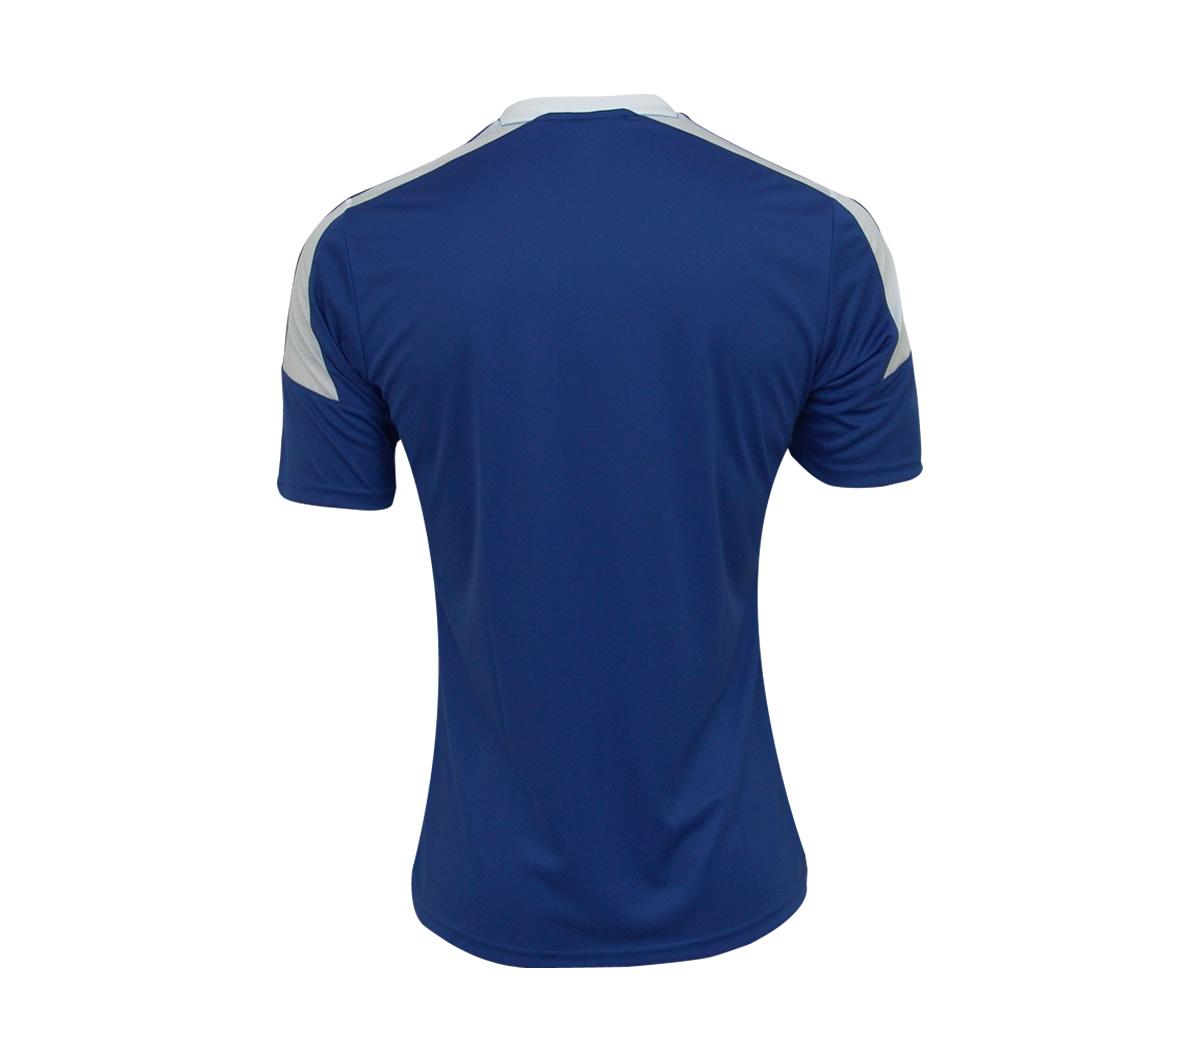 13109f60833c7 Camisa Adidas Toque 13 Azul e Branca - Mundo do Futebol